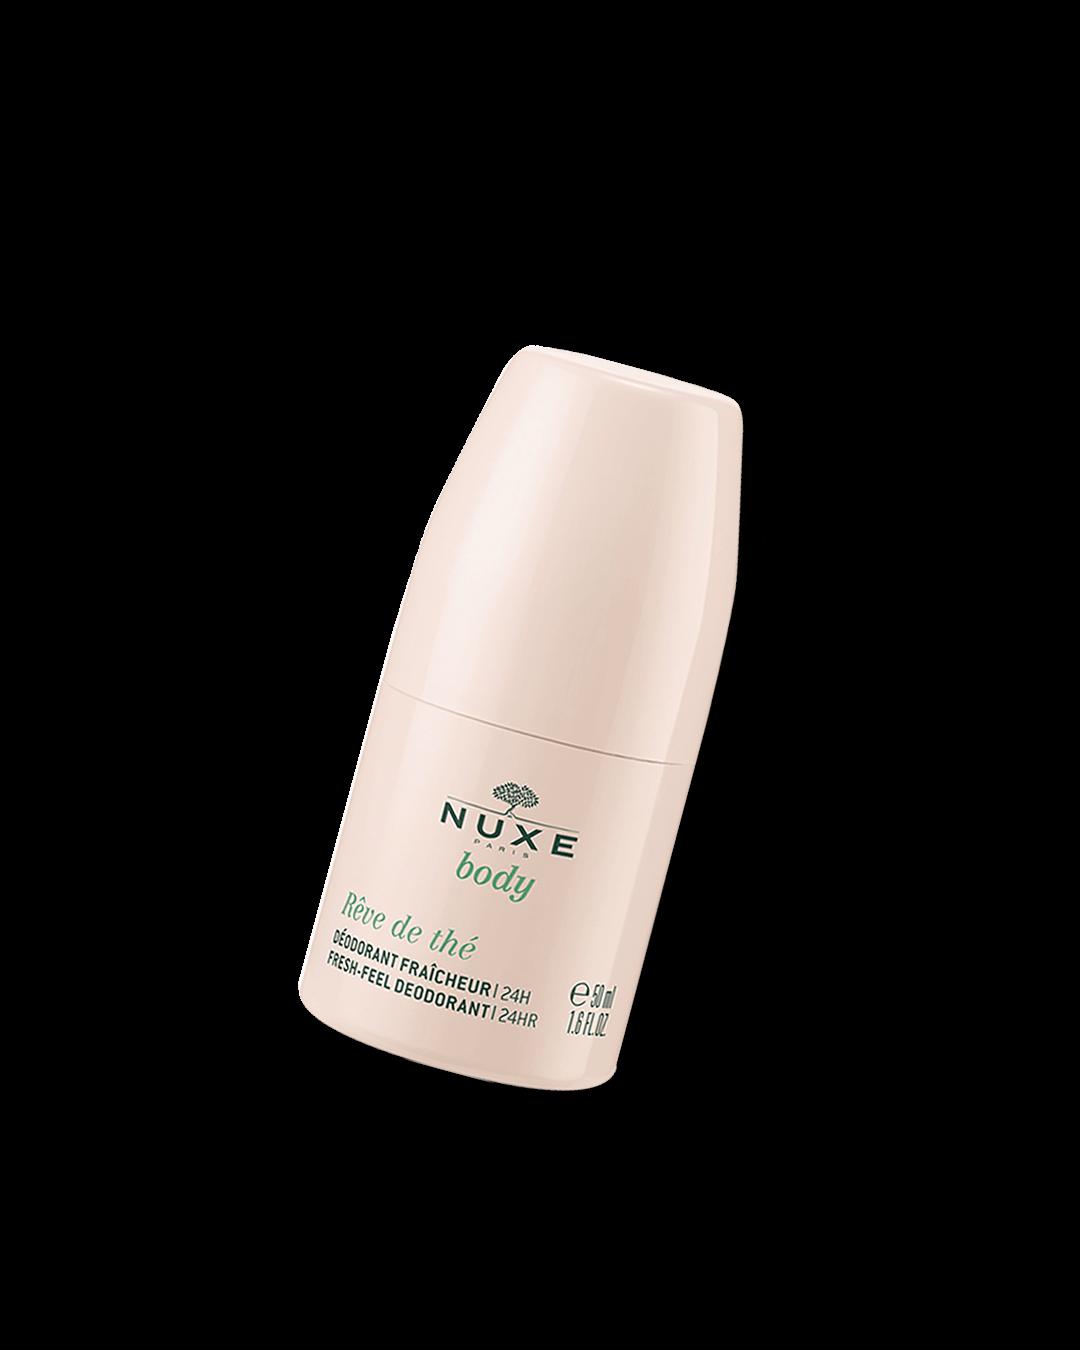 Reve De Thé Svěží deodorant 24H